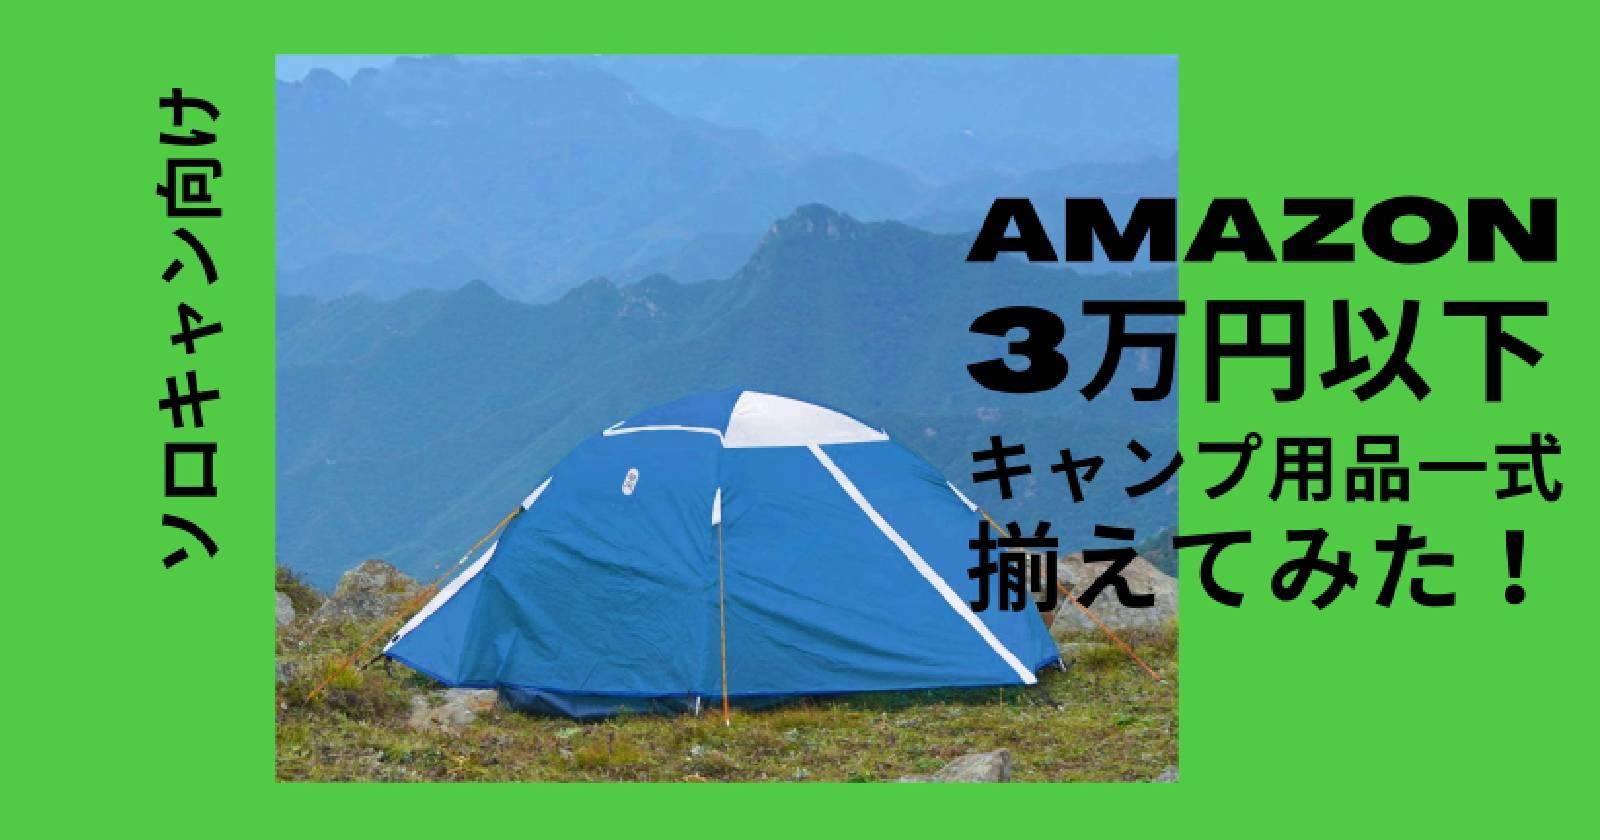 【3万円以下ソロキャン向け】Amazonでお得なキャンプ用品一式揃えてみた!